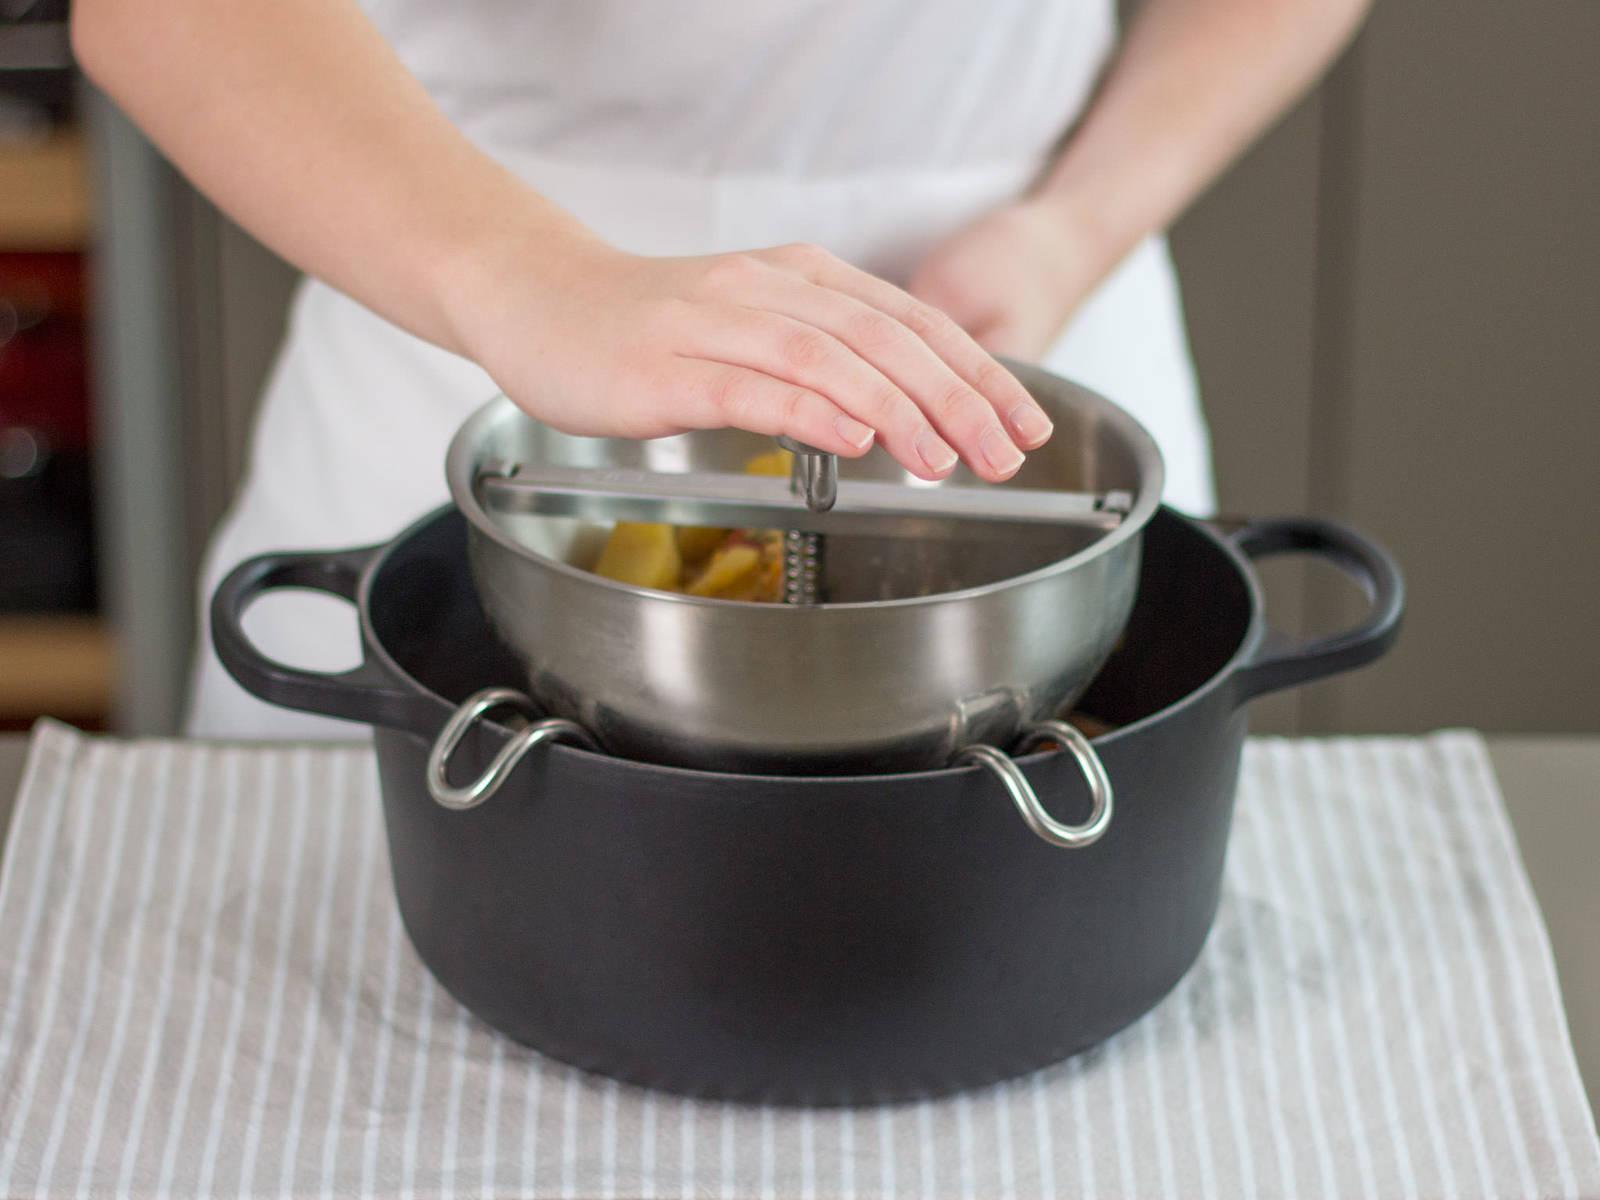 将食品压榨器放于另一个大平底锅上,勺取汤汁稠厚的部分,倒入压榨器中,挤去汁水。